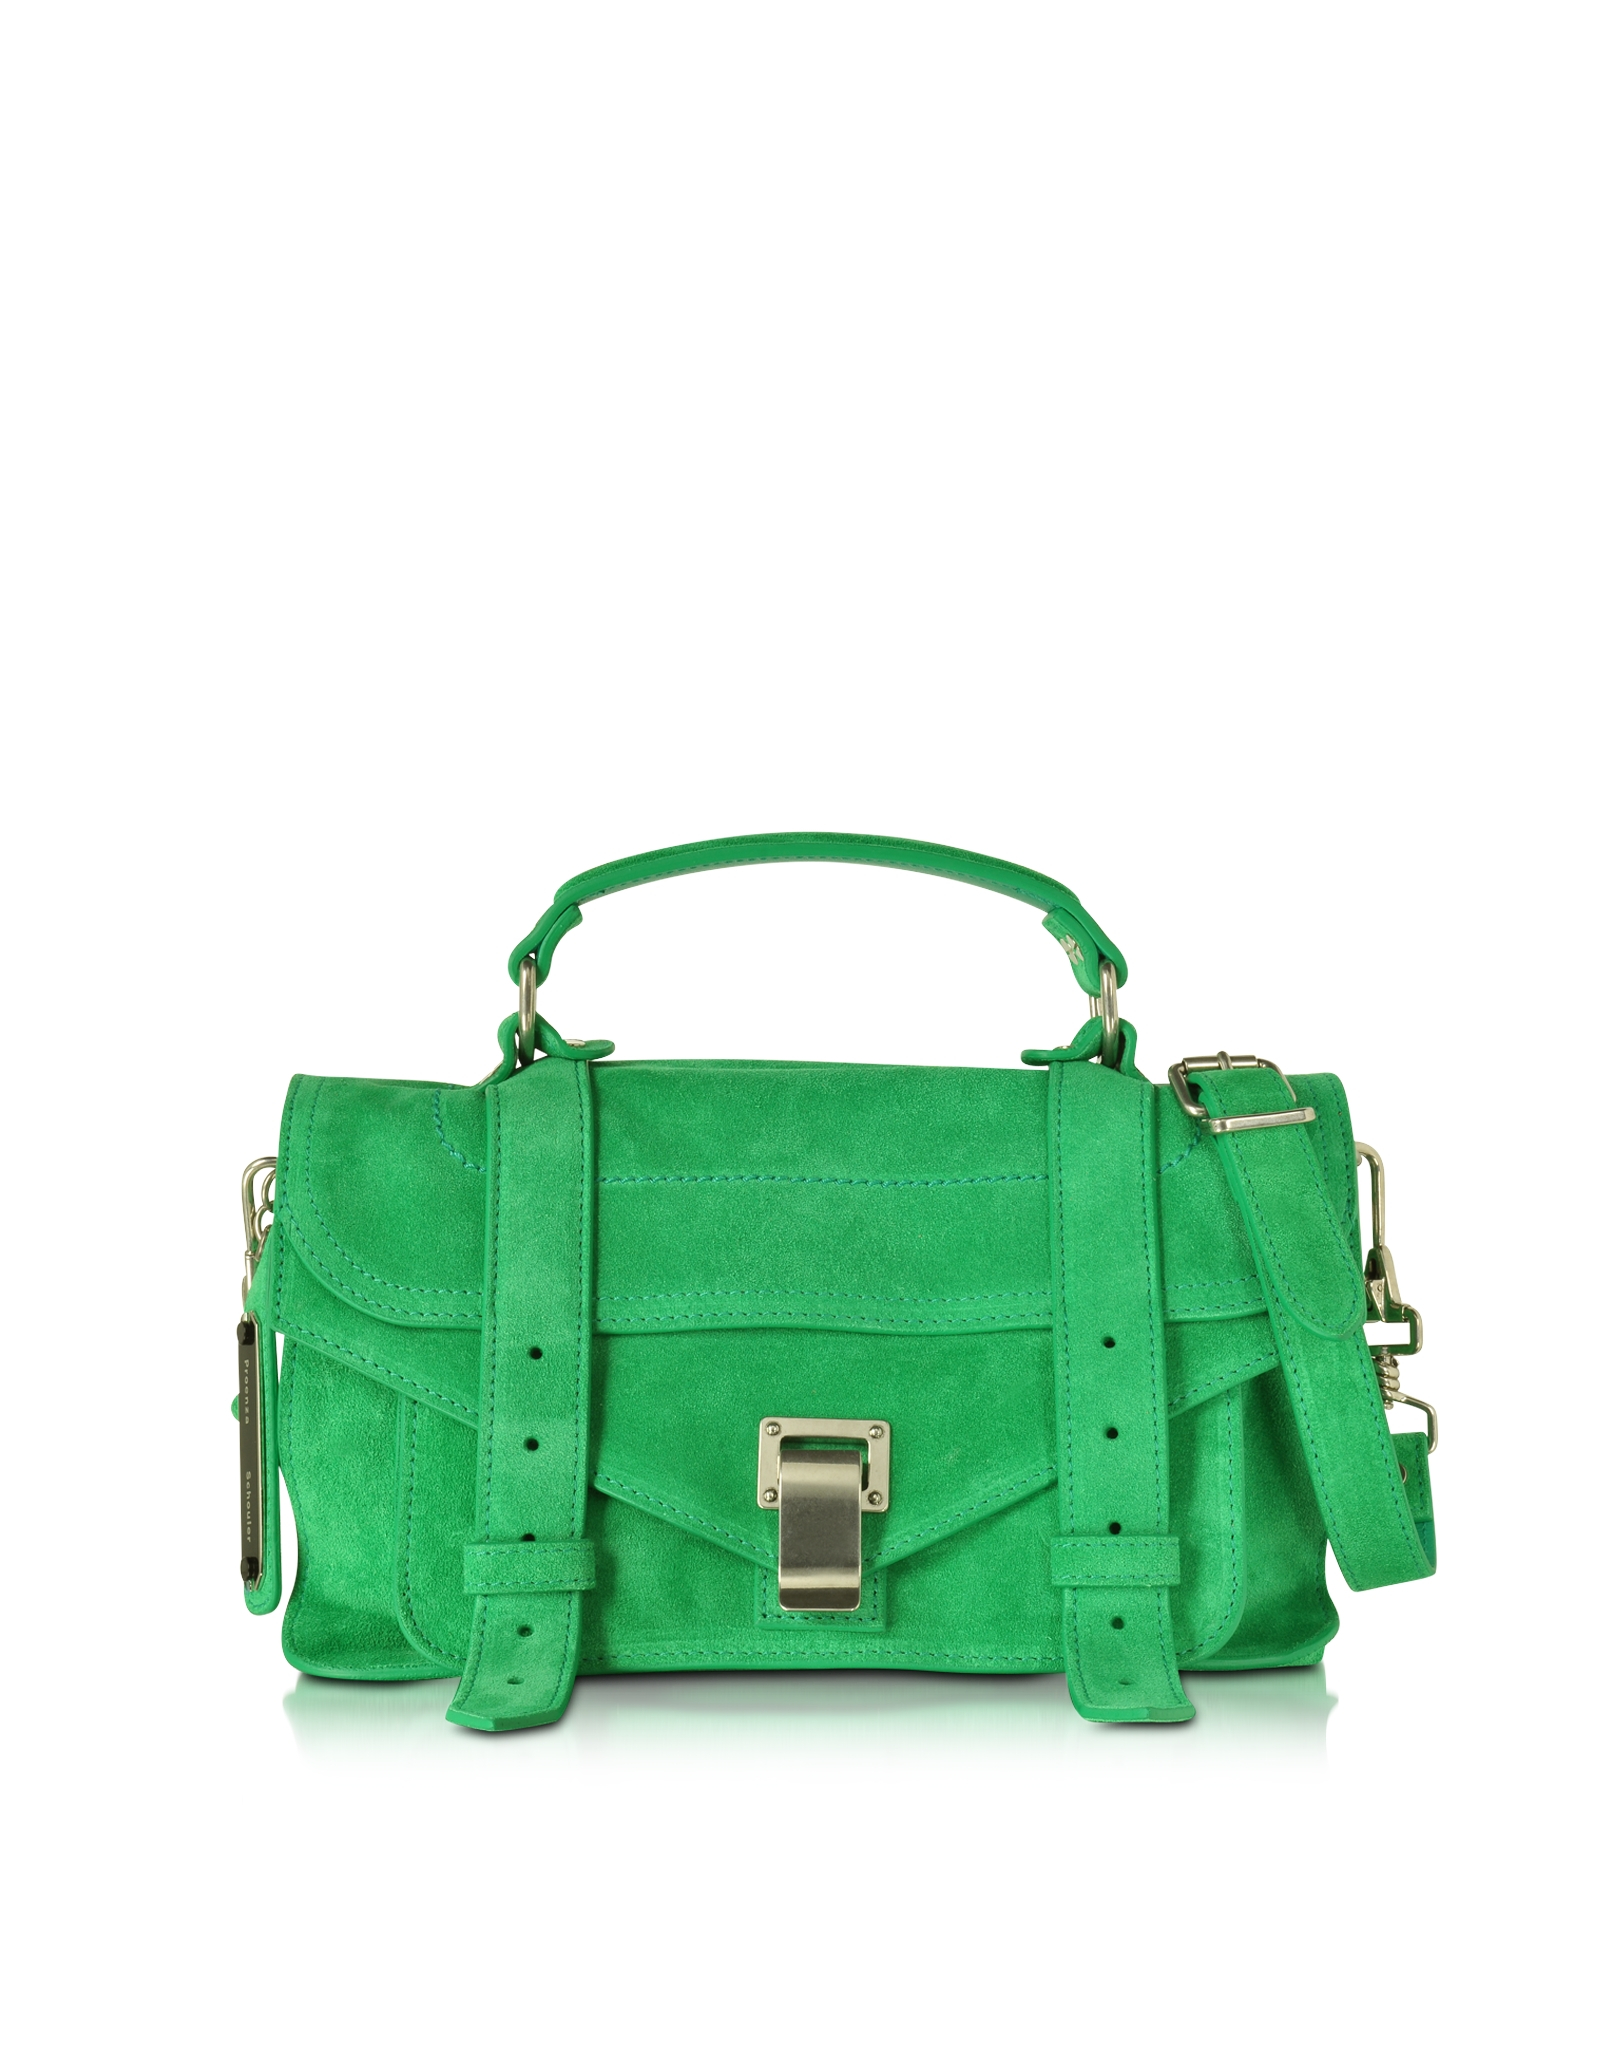 Proenza schouler Ps1 Tiny Aloe Suede Satchel Bag in Green | Lyst